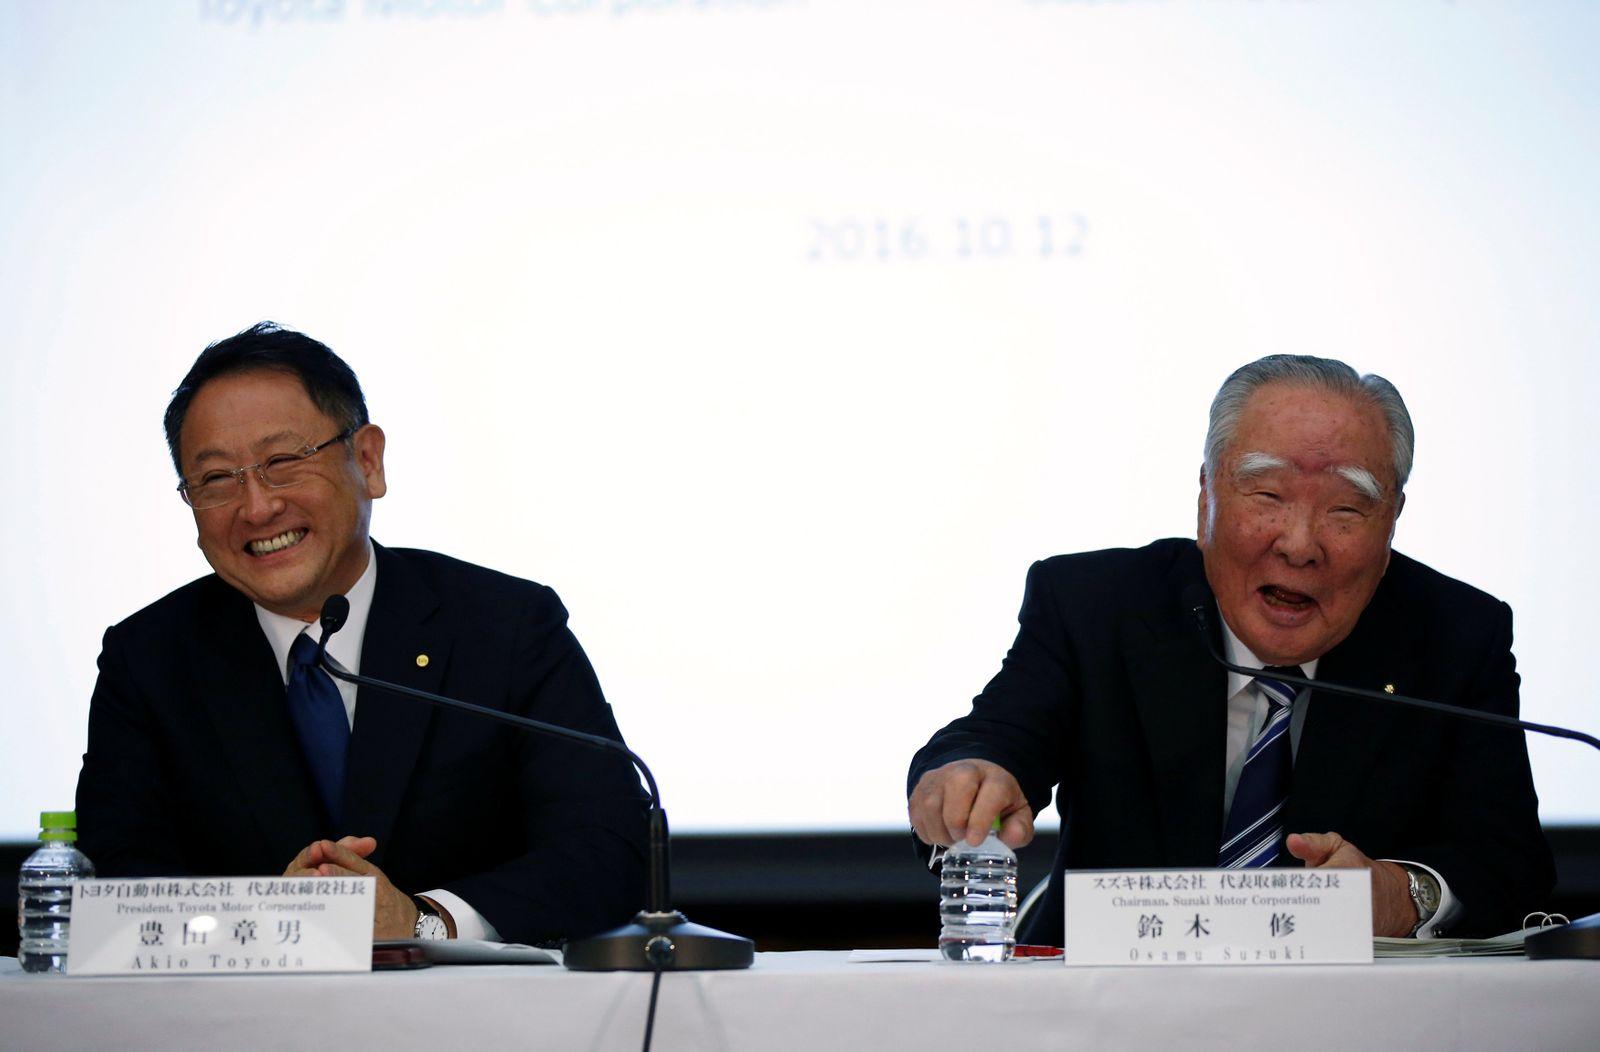 Akio Toyoda und Osamu Suzuki